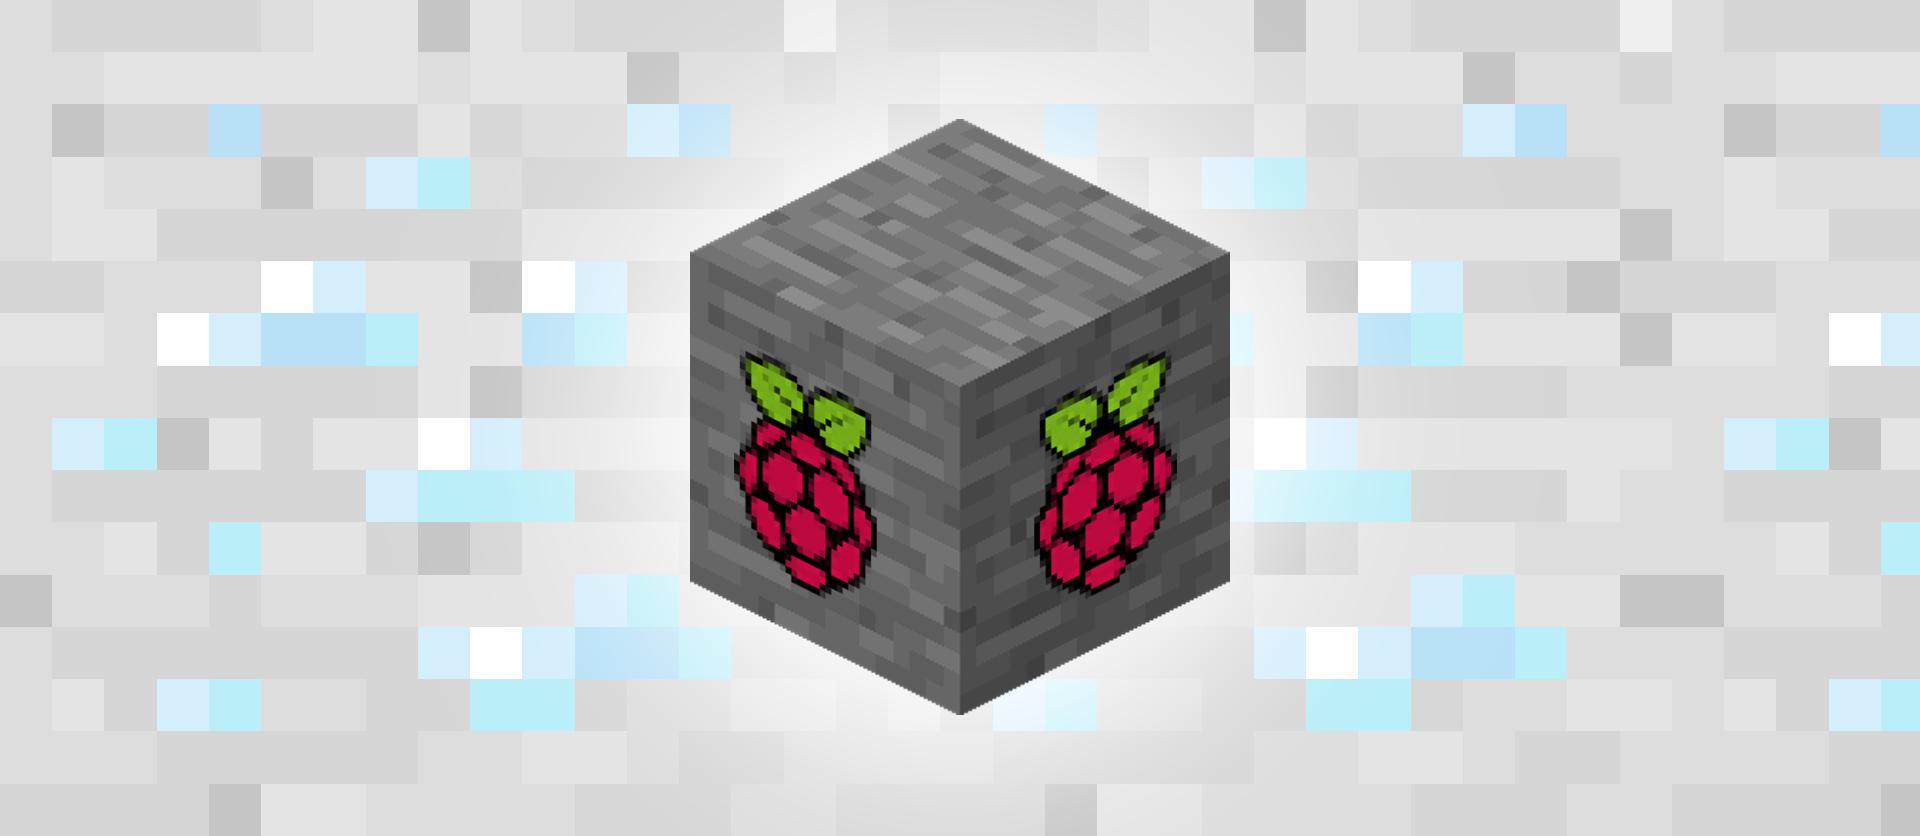 Anleitung Minecraft Server Auf Dem Raspberry Pi B MarcTV - Minecraft spieler melden